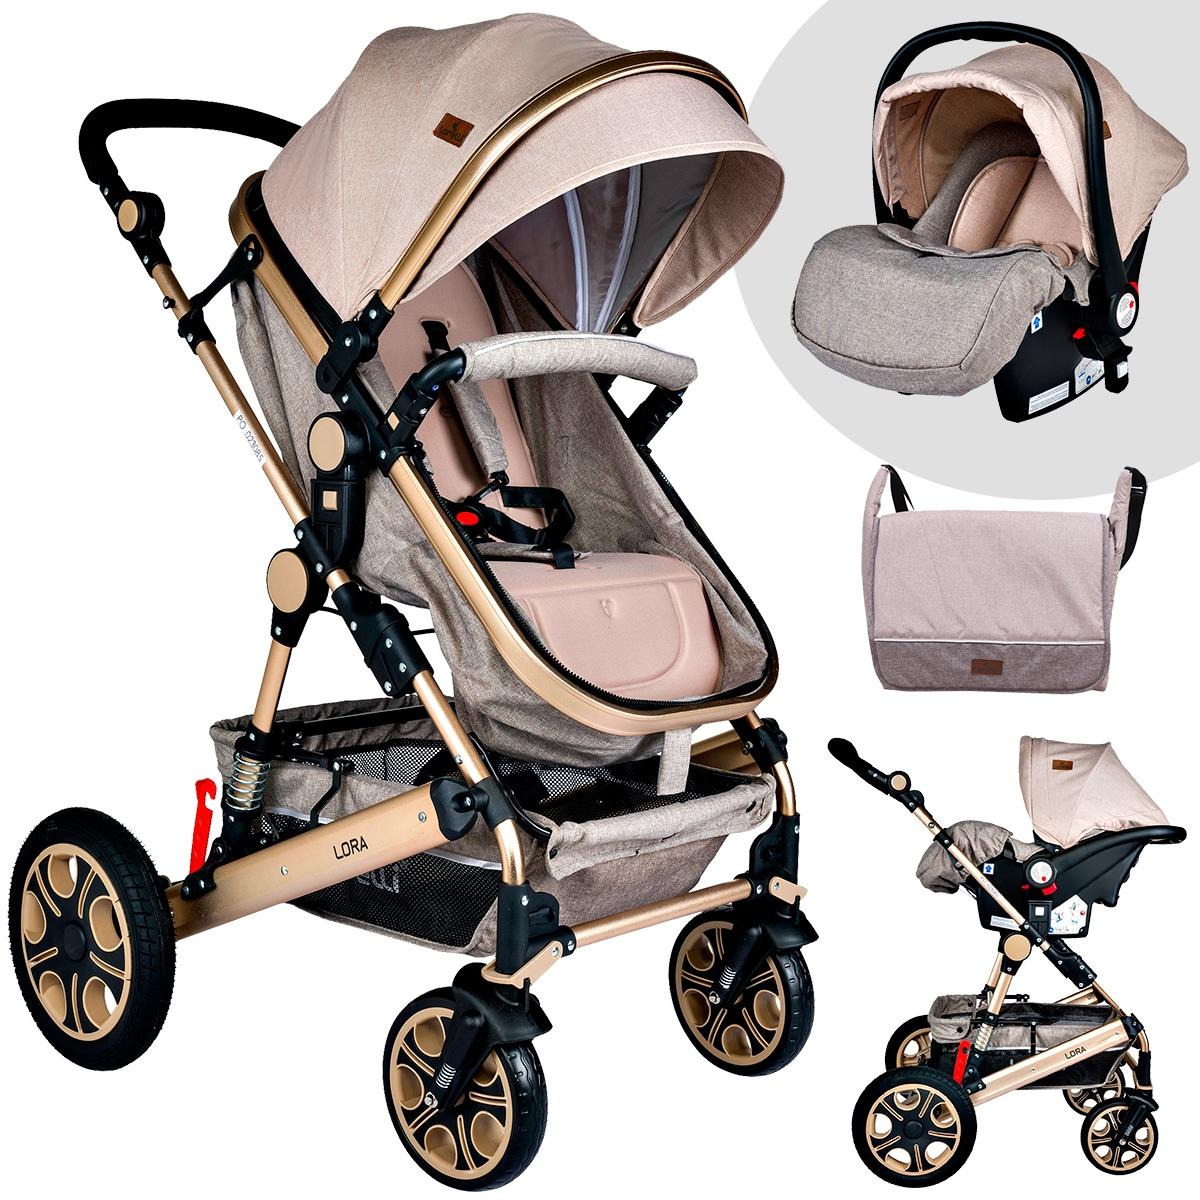 Fonksiyonel yeni bisiklet ve bebek arabası modelleri